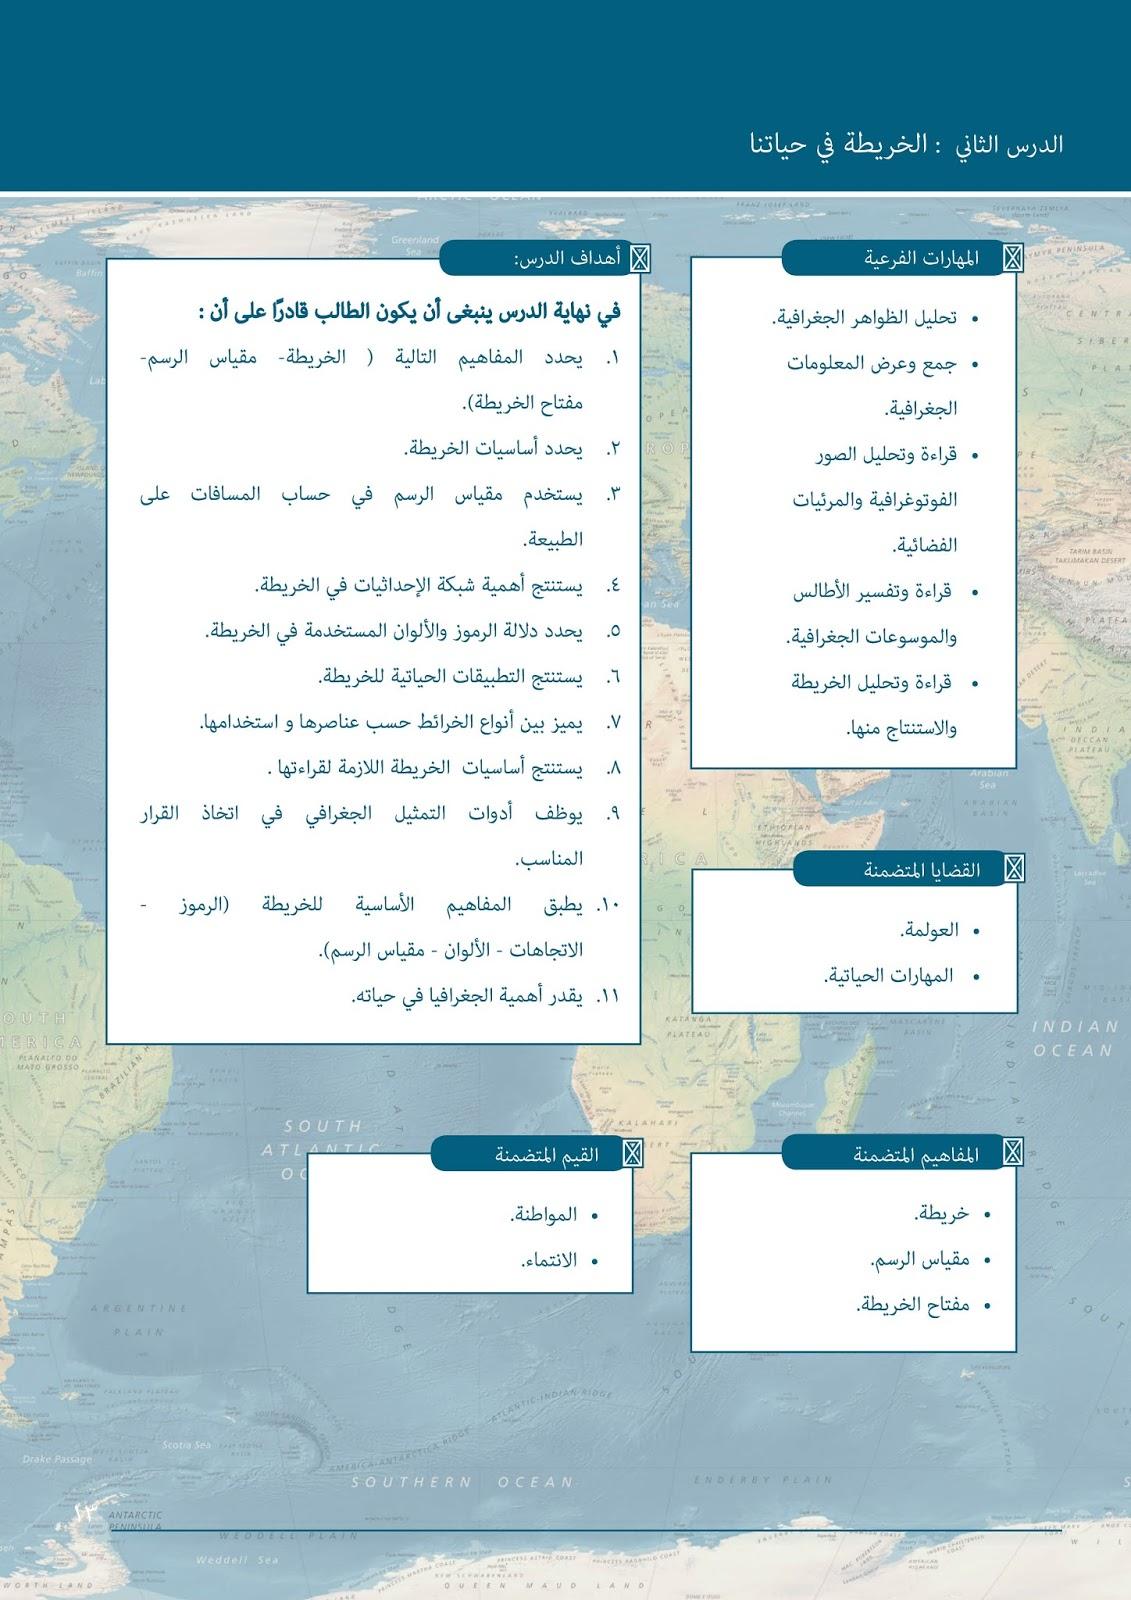 انفراد منهج الجغرافيا للصف الاول الثانوى 2013/2014 مناهج جديدة انفراد منهج الجغرافيا للصف الاول الثانوى 2013/2014 - صفحة 7 Geo+SEC+2013+U113